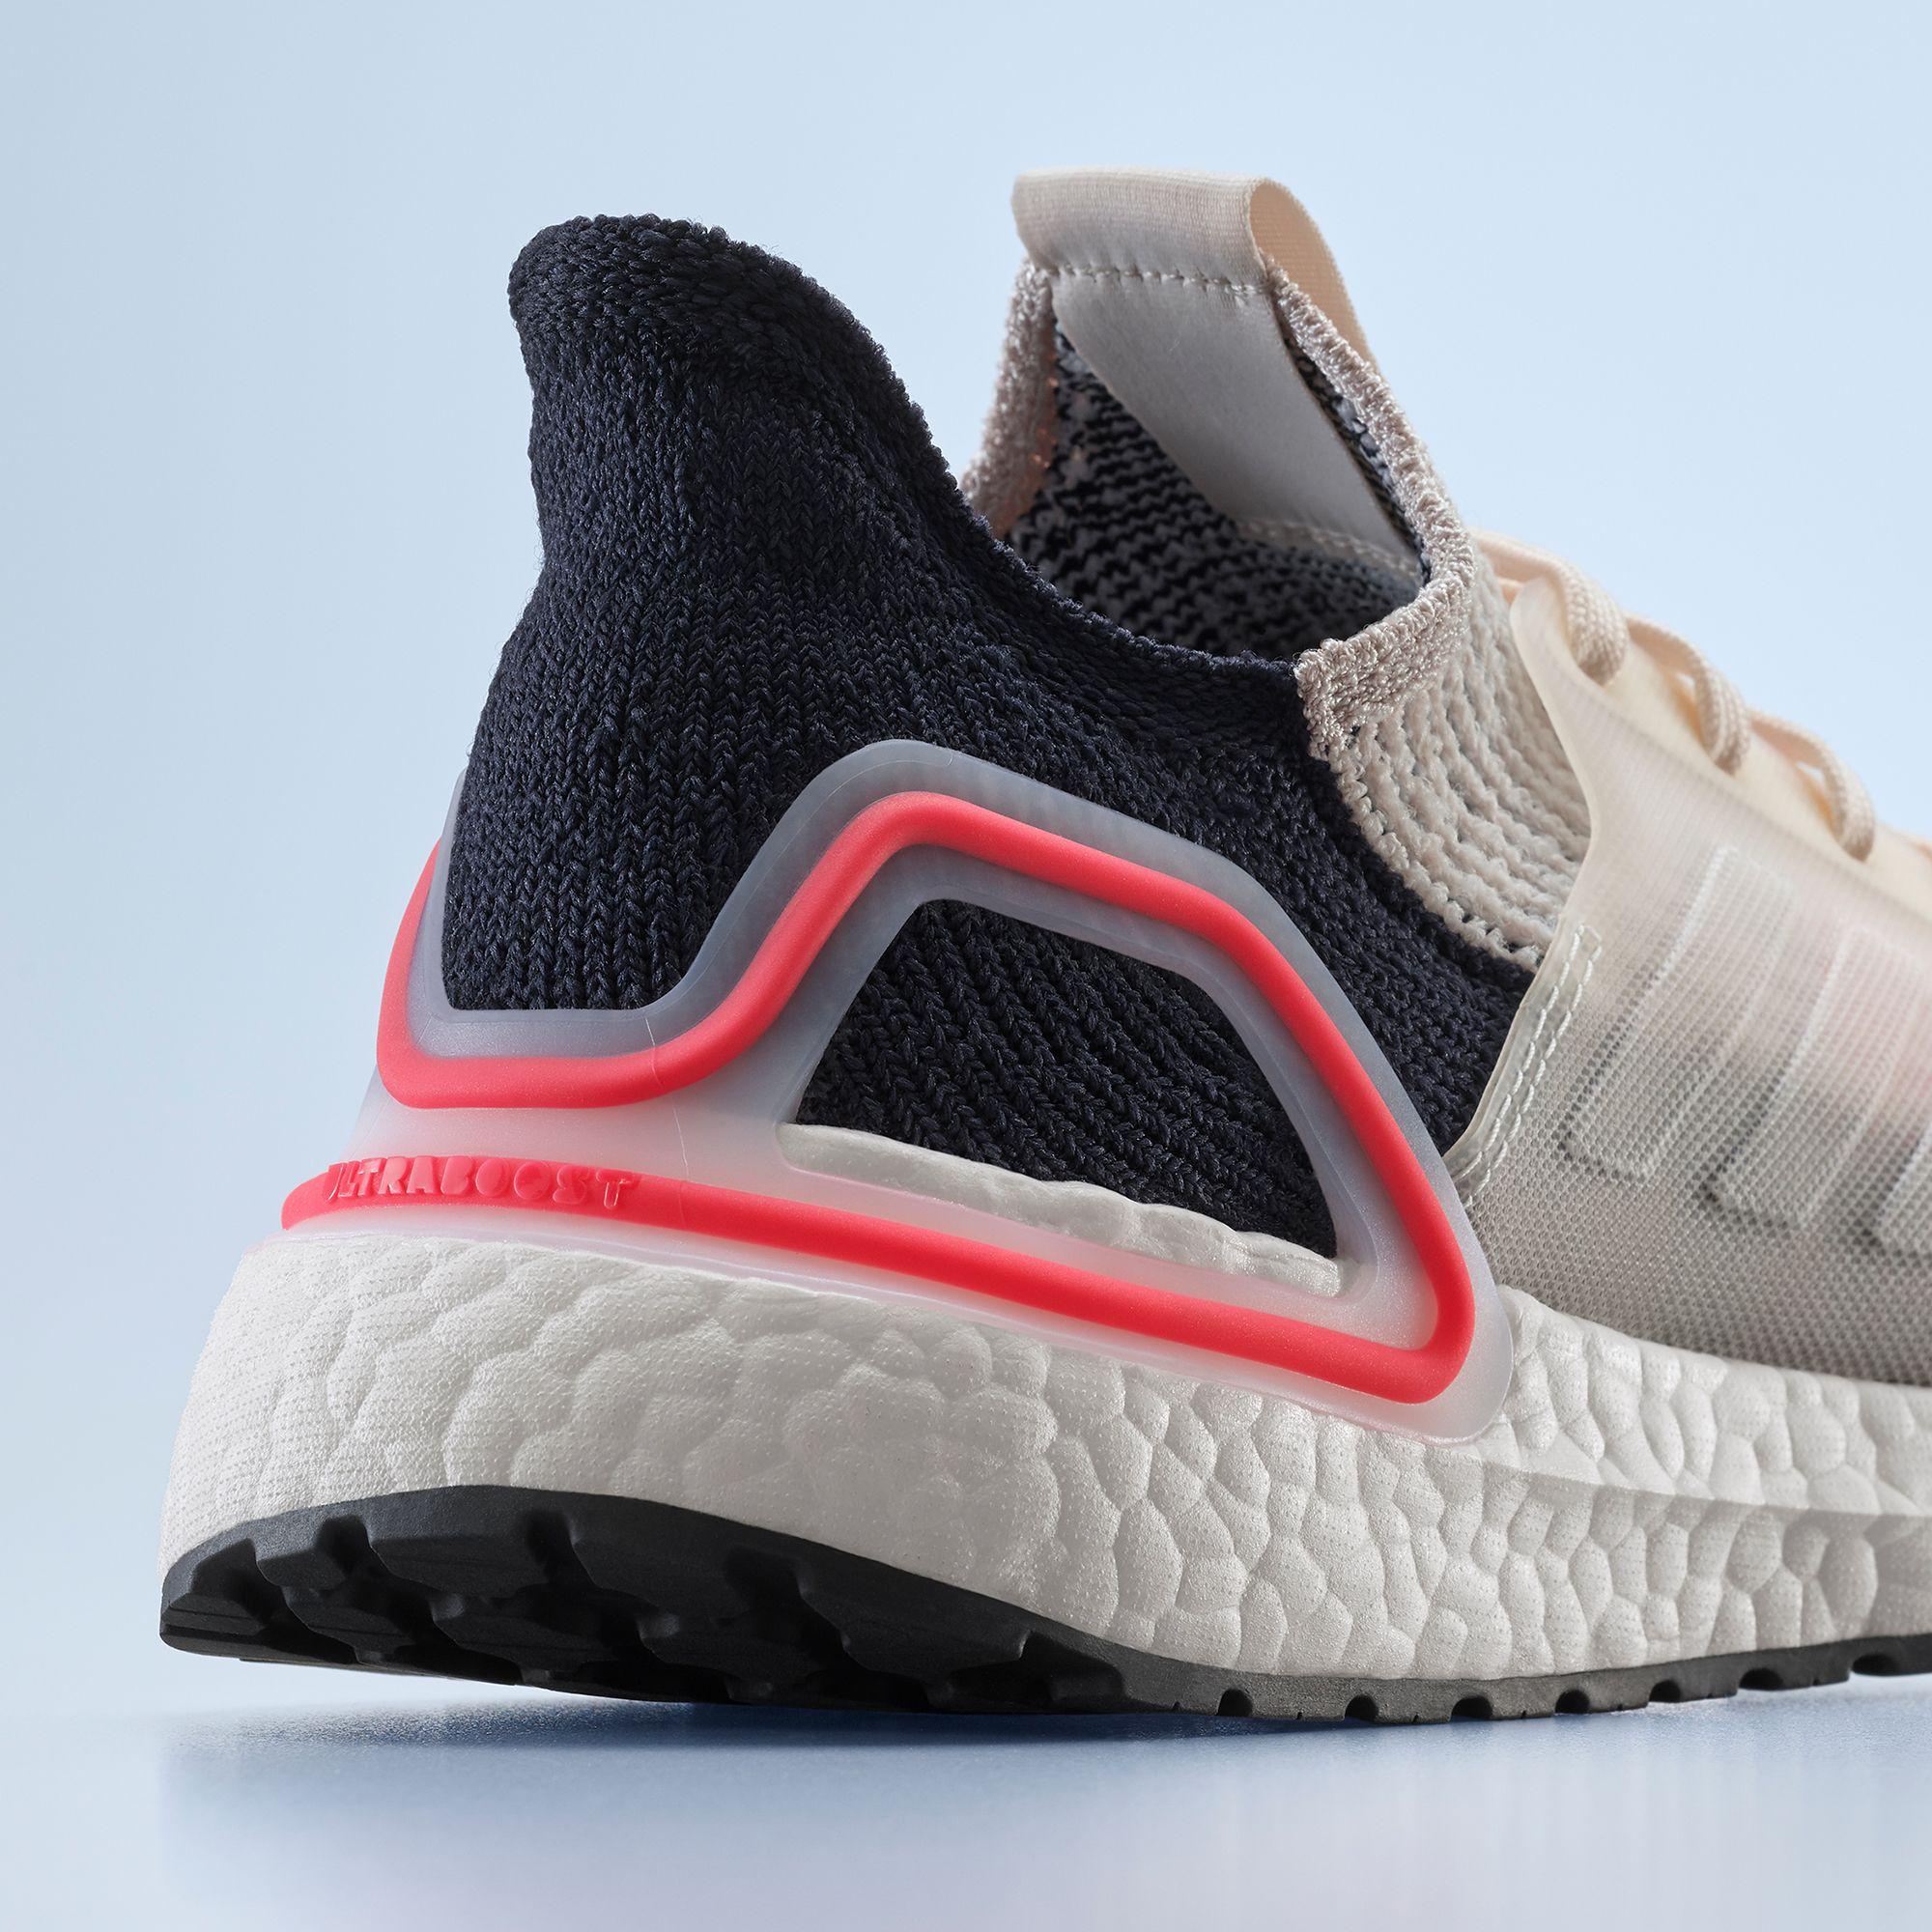 Adidas Ultra Boost LTD 18